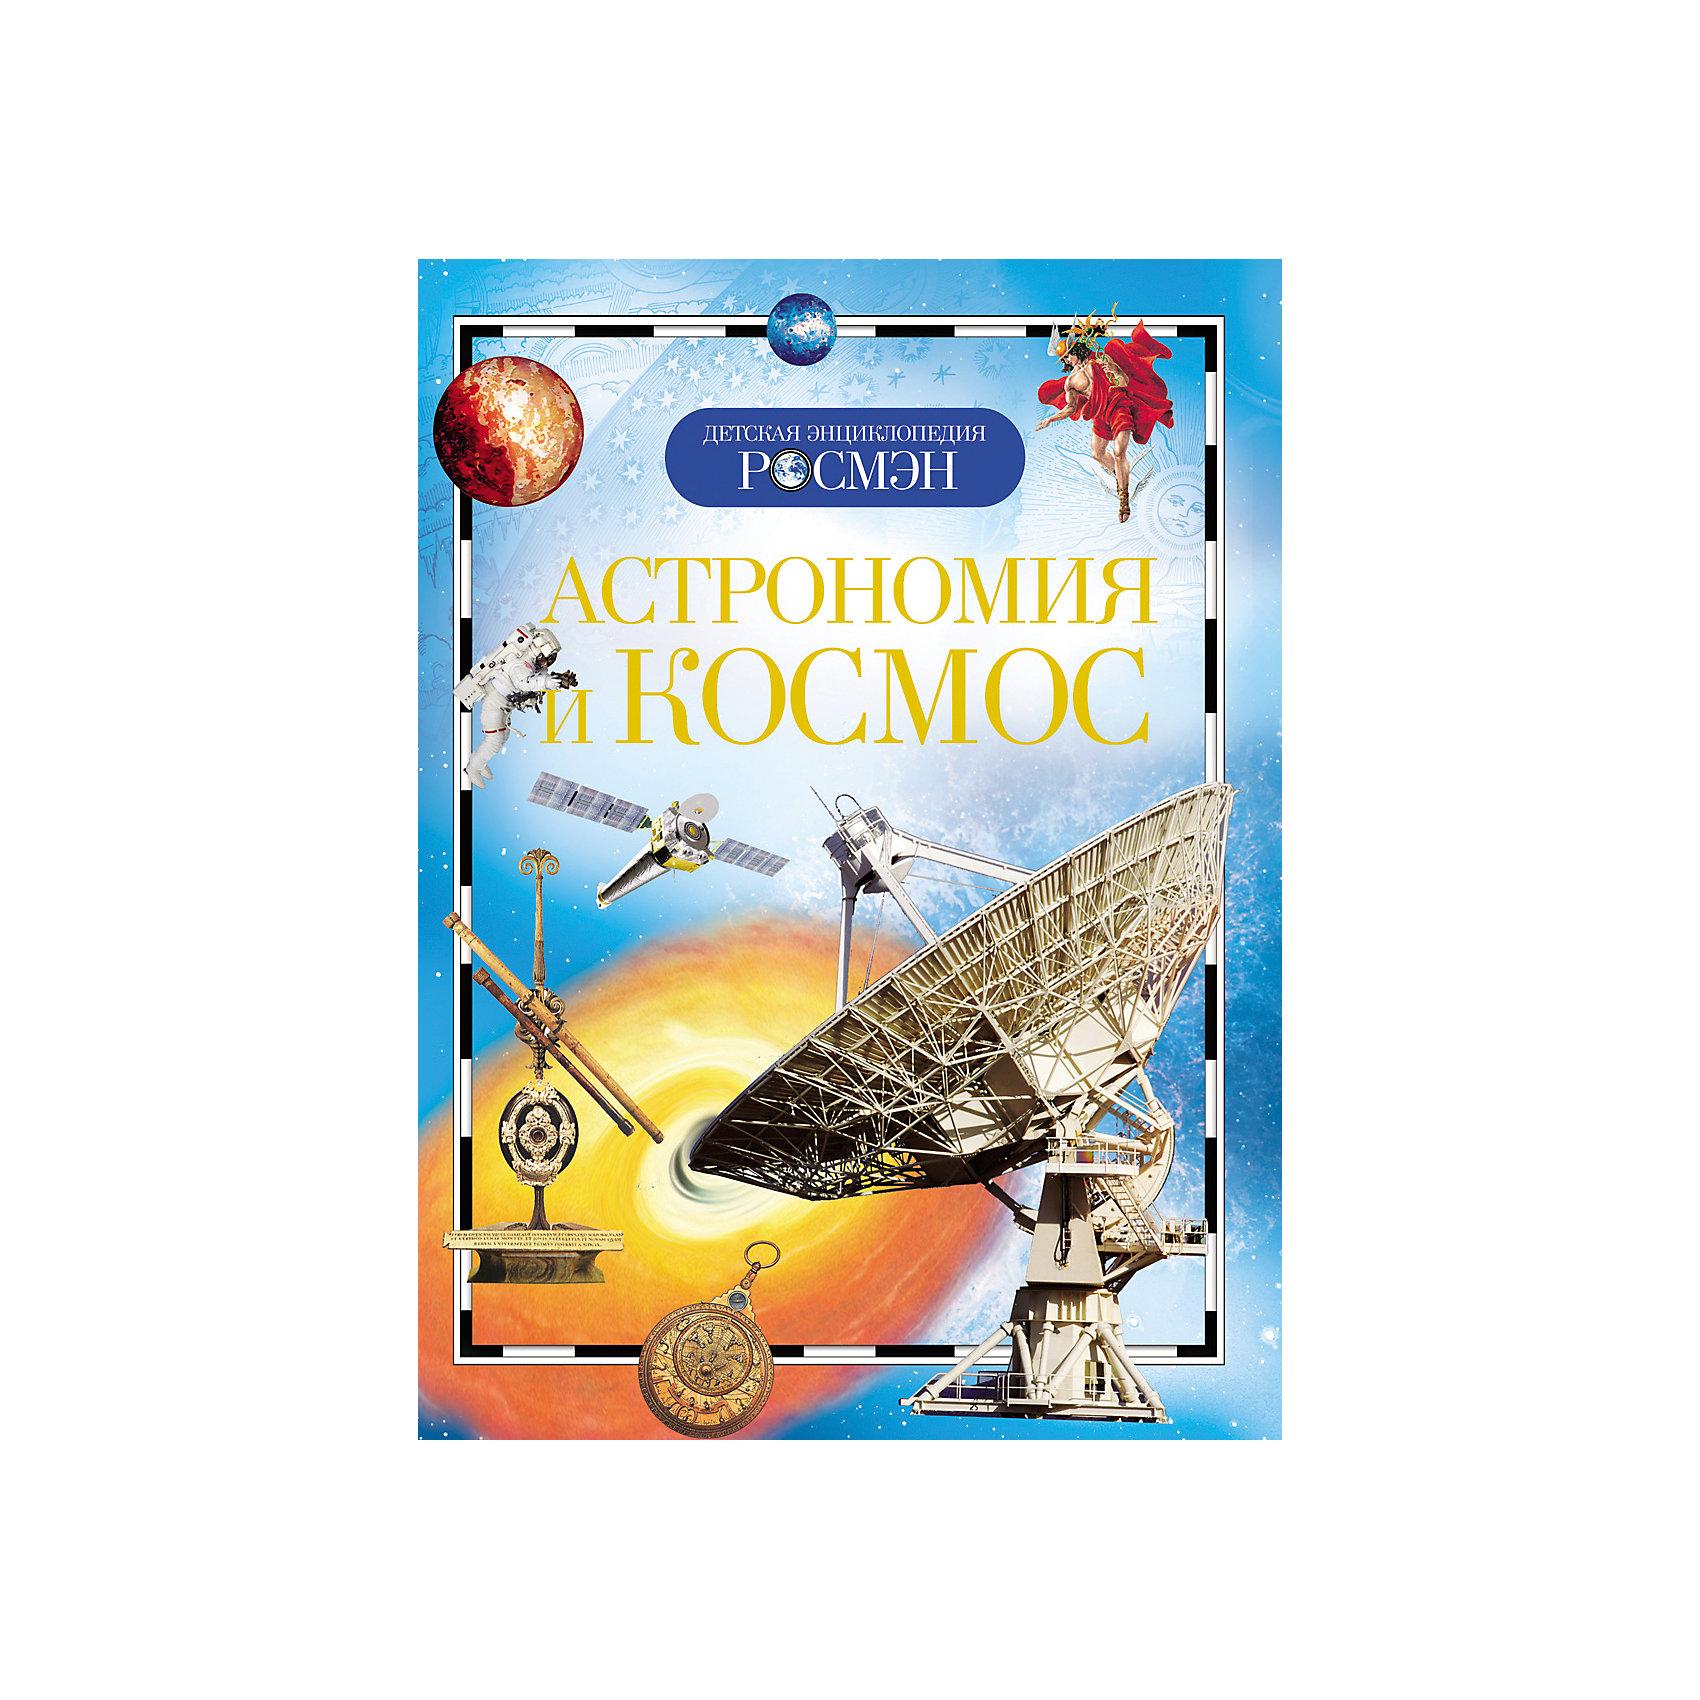 Астрономия и космосХарактеристики товара:<br><br>- цвет: разноцветный;<br>- материал: бумага;<br>- страниц: 96;<br>- формат: 17 x 21 см;<br>- обложка: твердая;<br>- цветные иллюстрации.<br><br>Эта интересная книга с иллюстрациями станет отличным подарком для ребенка. Она содержит в себе ответы на вопросы, которые интересуют малышей. Всё представлено в очень простой форме! Талантливый иллюстратор дополнил книгу качественными рисунками, которые помогают ребенку понять суть многих вещей в нашем мире. Удивительные и интересные факты помогут привить любовь к учебе!<br>Чтение - отличный способ активизации мышления, оно помогает ребенку развивать зрительную память, концентрацию внимания и воображение. Издание произведено из качественных материалов, которые безопасны даже для самых маленьких.<br><br>Книгу Астрономия и космос от компании Росмэн можно купить в нашем интернет-магазине.<br><br>Ширина мм: 220<br>Глубина мм: 170<br>Высота мм: 10<br>Вес г: 231<br>Возраст от месяцев: 84<br>Возраст до месяцев: 108<br>Пол: Унисекс<br>Возраст: Детский<br>SKU: 5109975